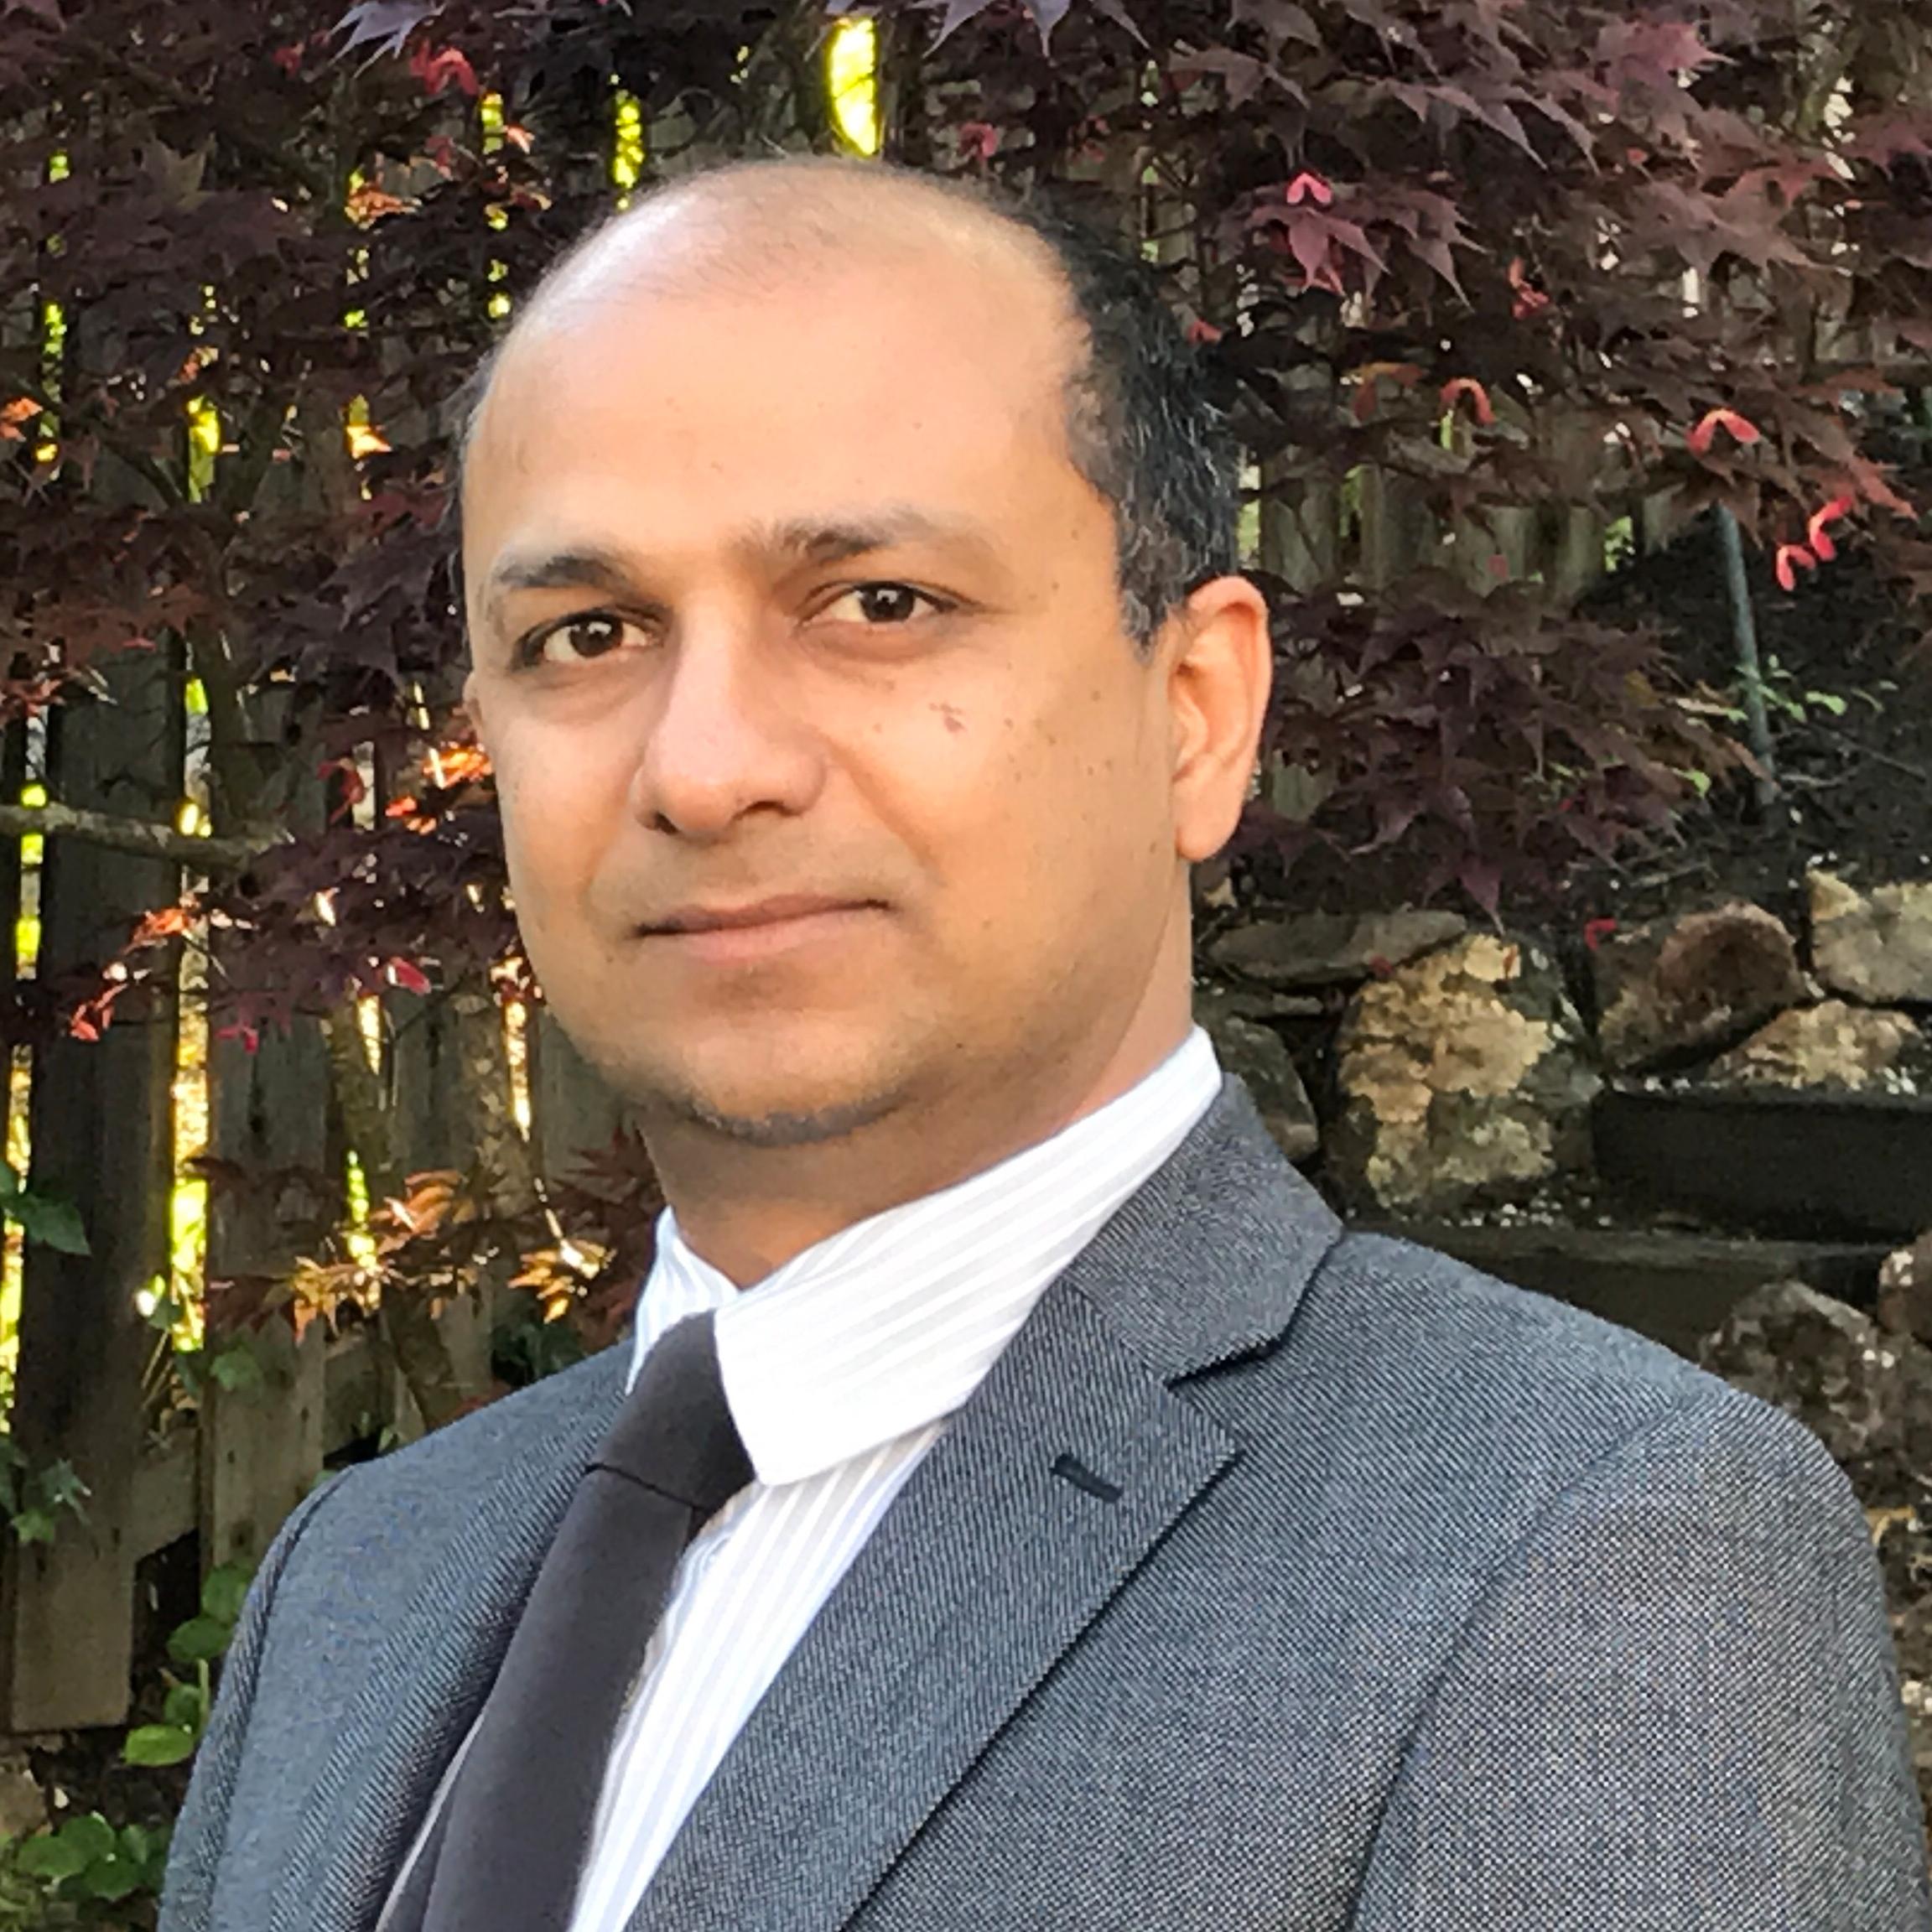 Sameer Upadhyaya